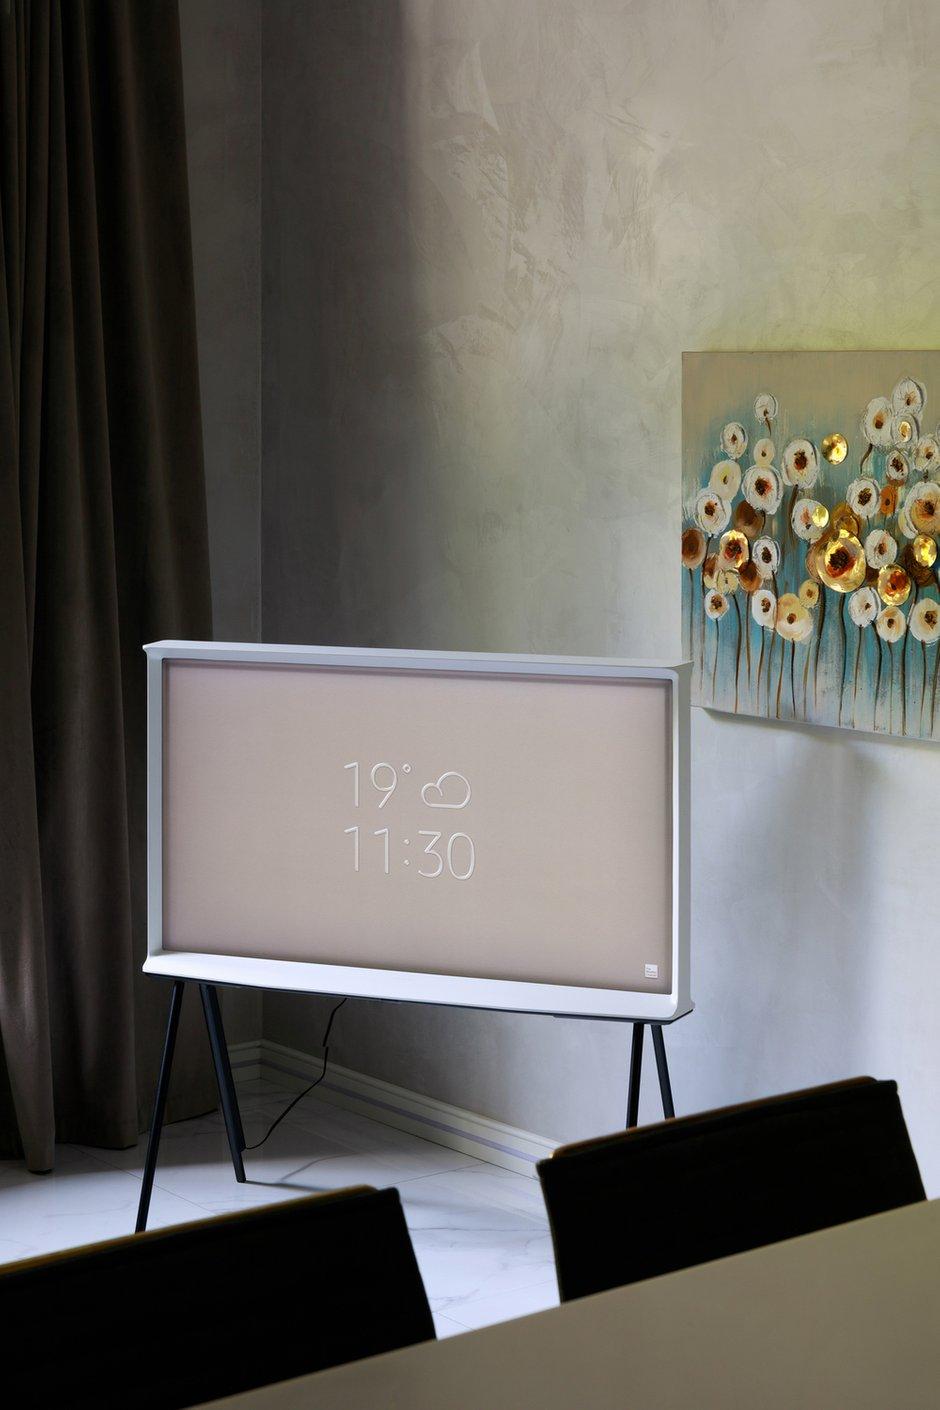 Фотография: Гостиная в стиле Современный, Квартира, Проект недели, Samsung, 3 комнаты, 40-60 метров, интерьерный телевизор, the serif, Оксана Нечаева – фото на INMYROOM